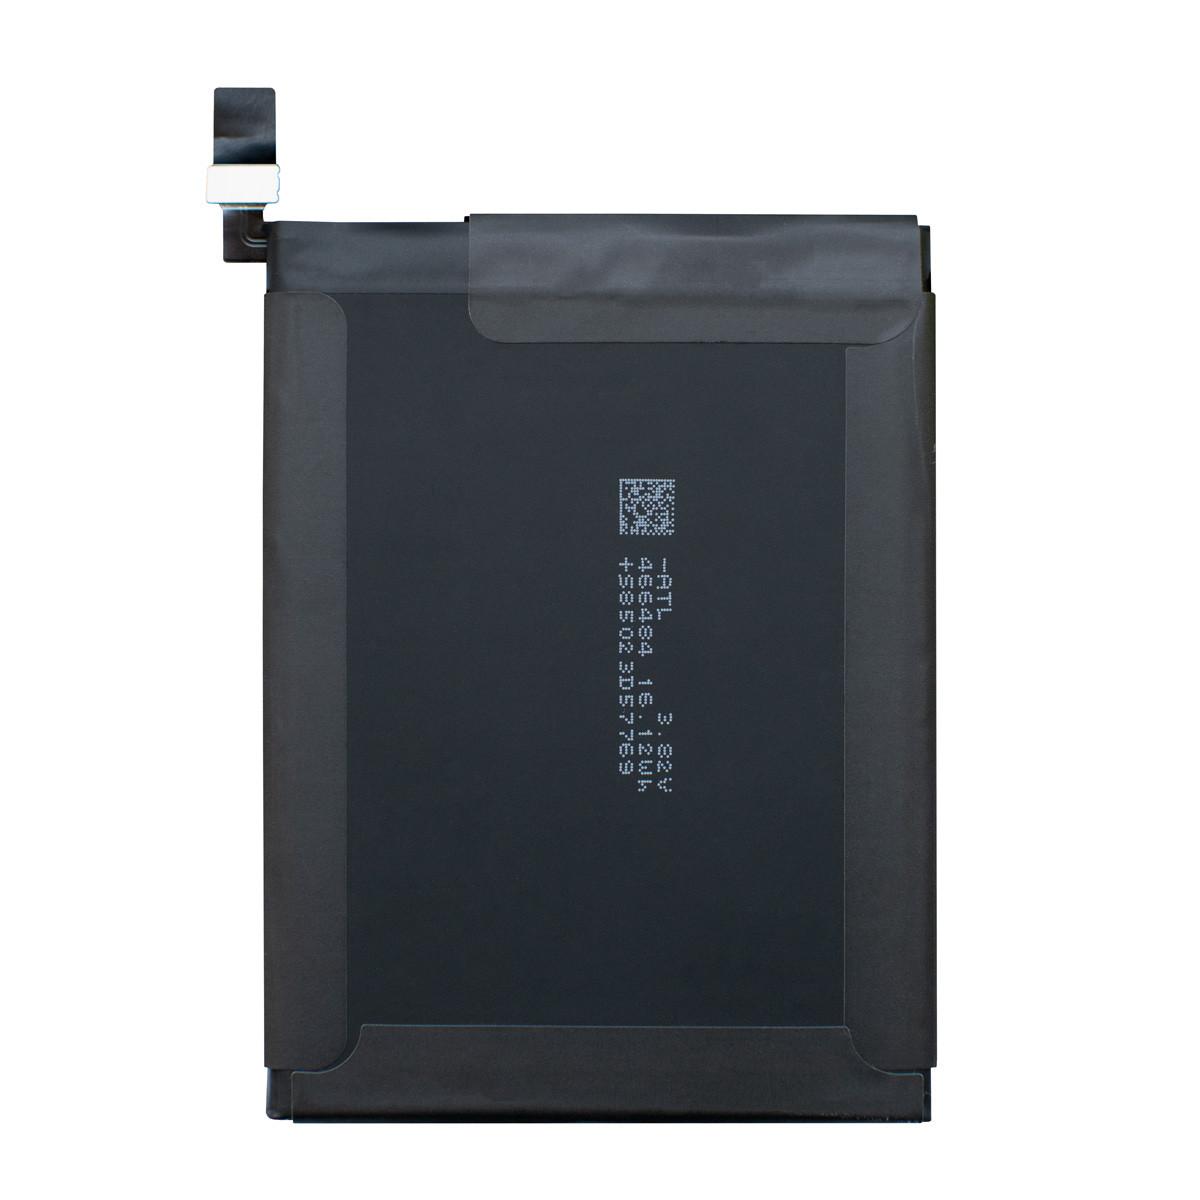 Original battery (GS4, GS4 senior)